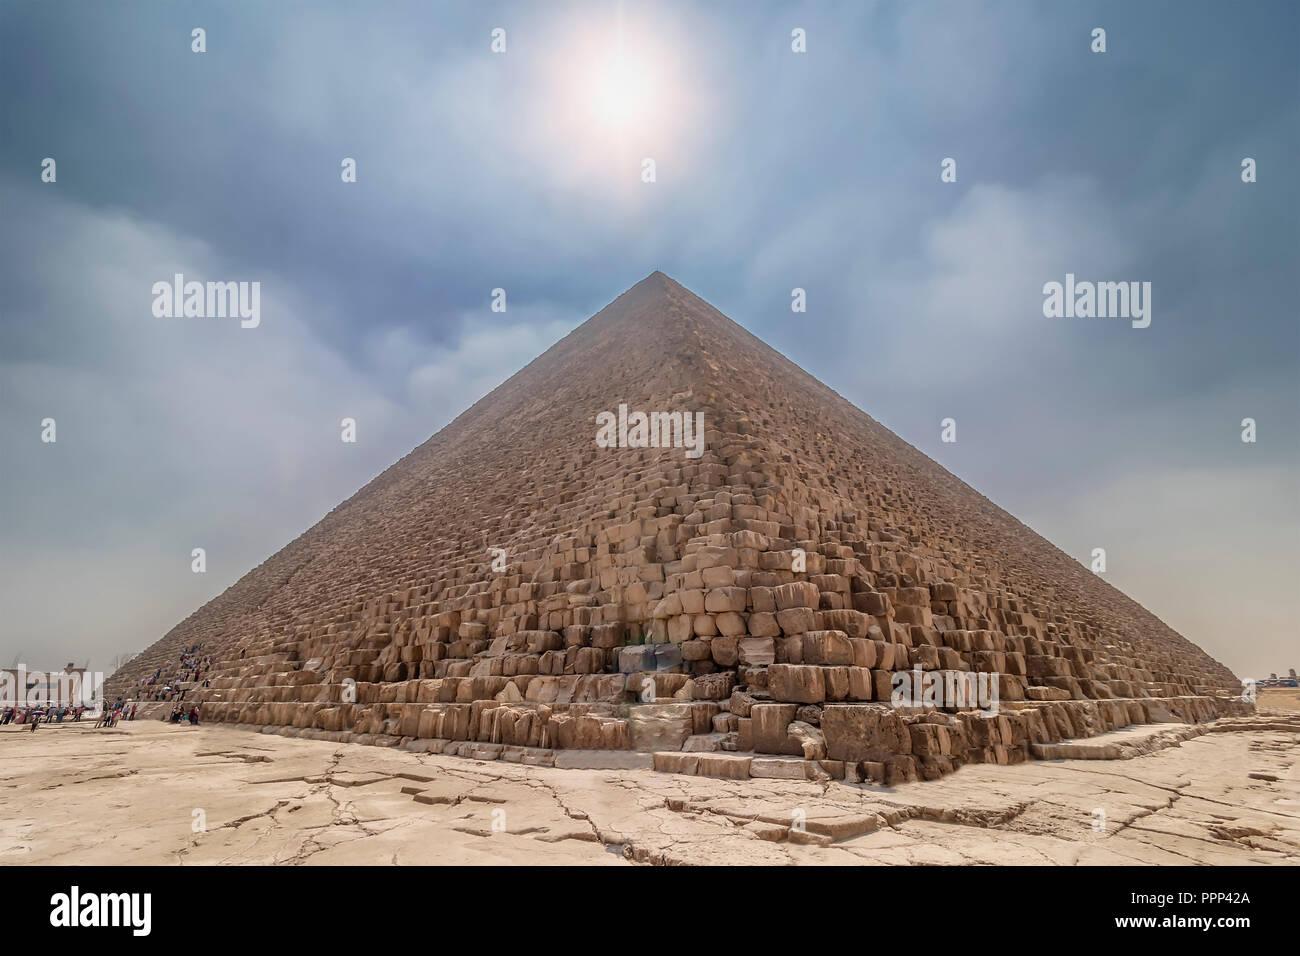 La Piramide di Cheope illuminata dal sole di retroilluminazione, con persone che entrano all'interno per visitare. La zona con le grandi piramidi di Giza in Egitto Immagini Stock